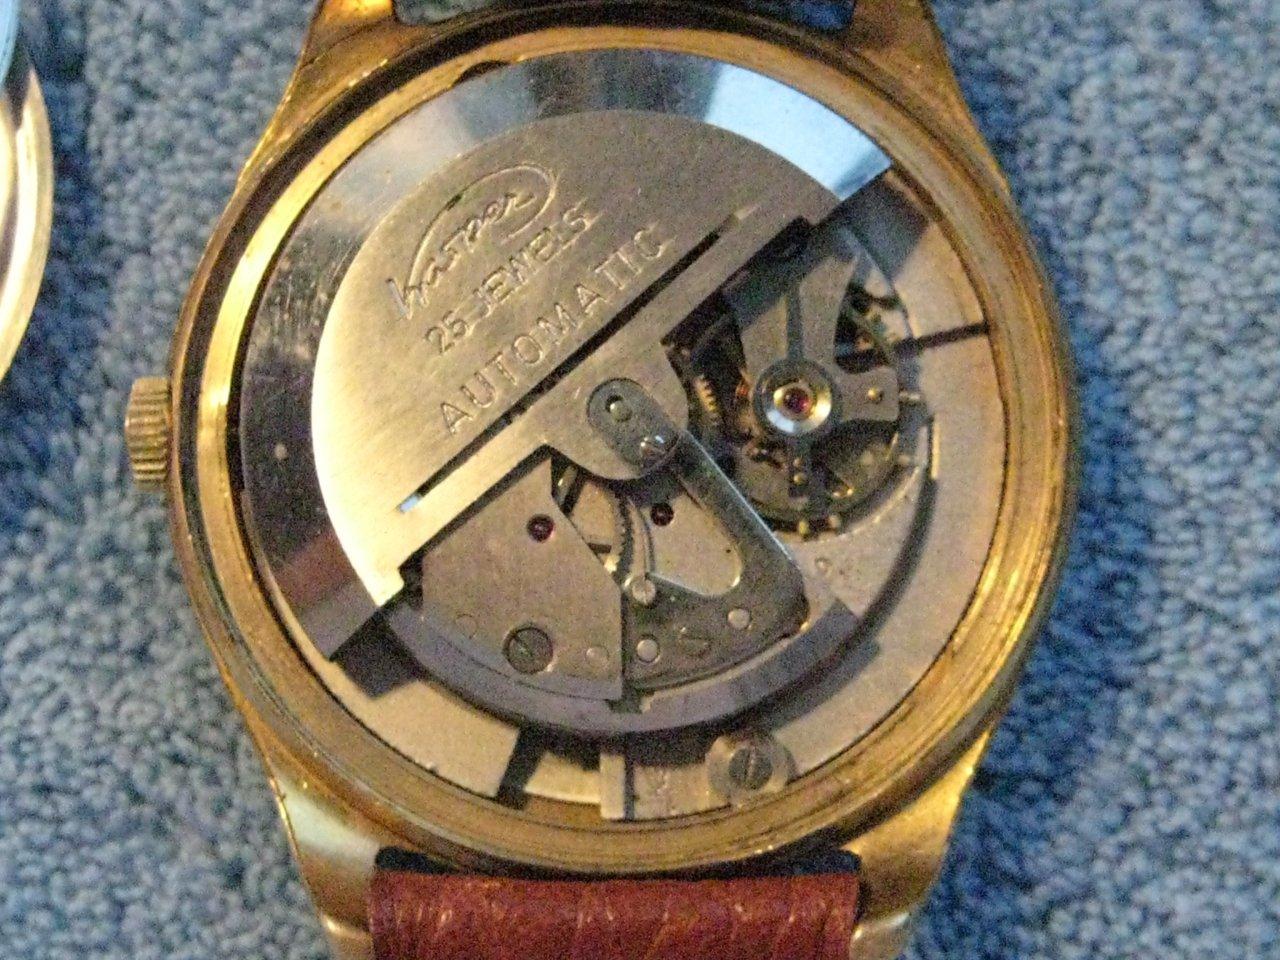 Wer kann meine Uhr reparieren?